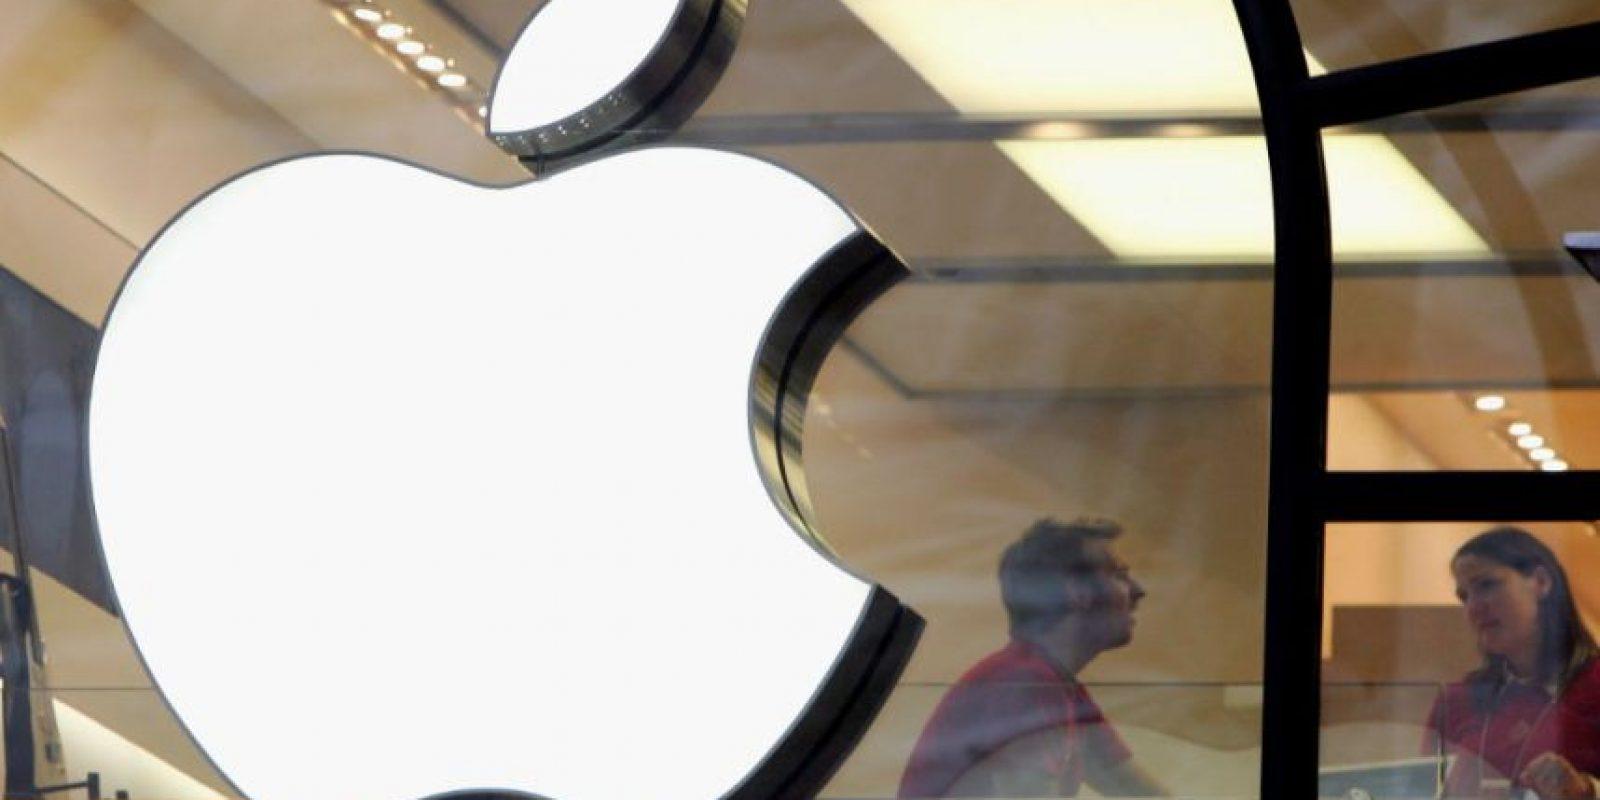 El soporte de Apple ha tratado de ayudar al desesperado padre, pero sin éxito. Foto:Getty Images. Imagen Por: